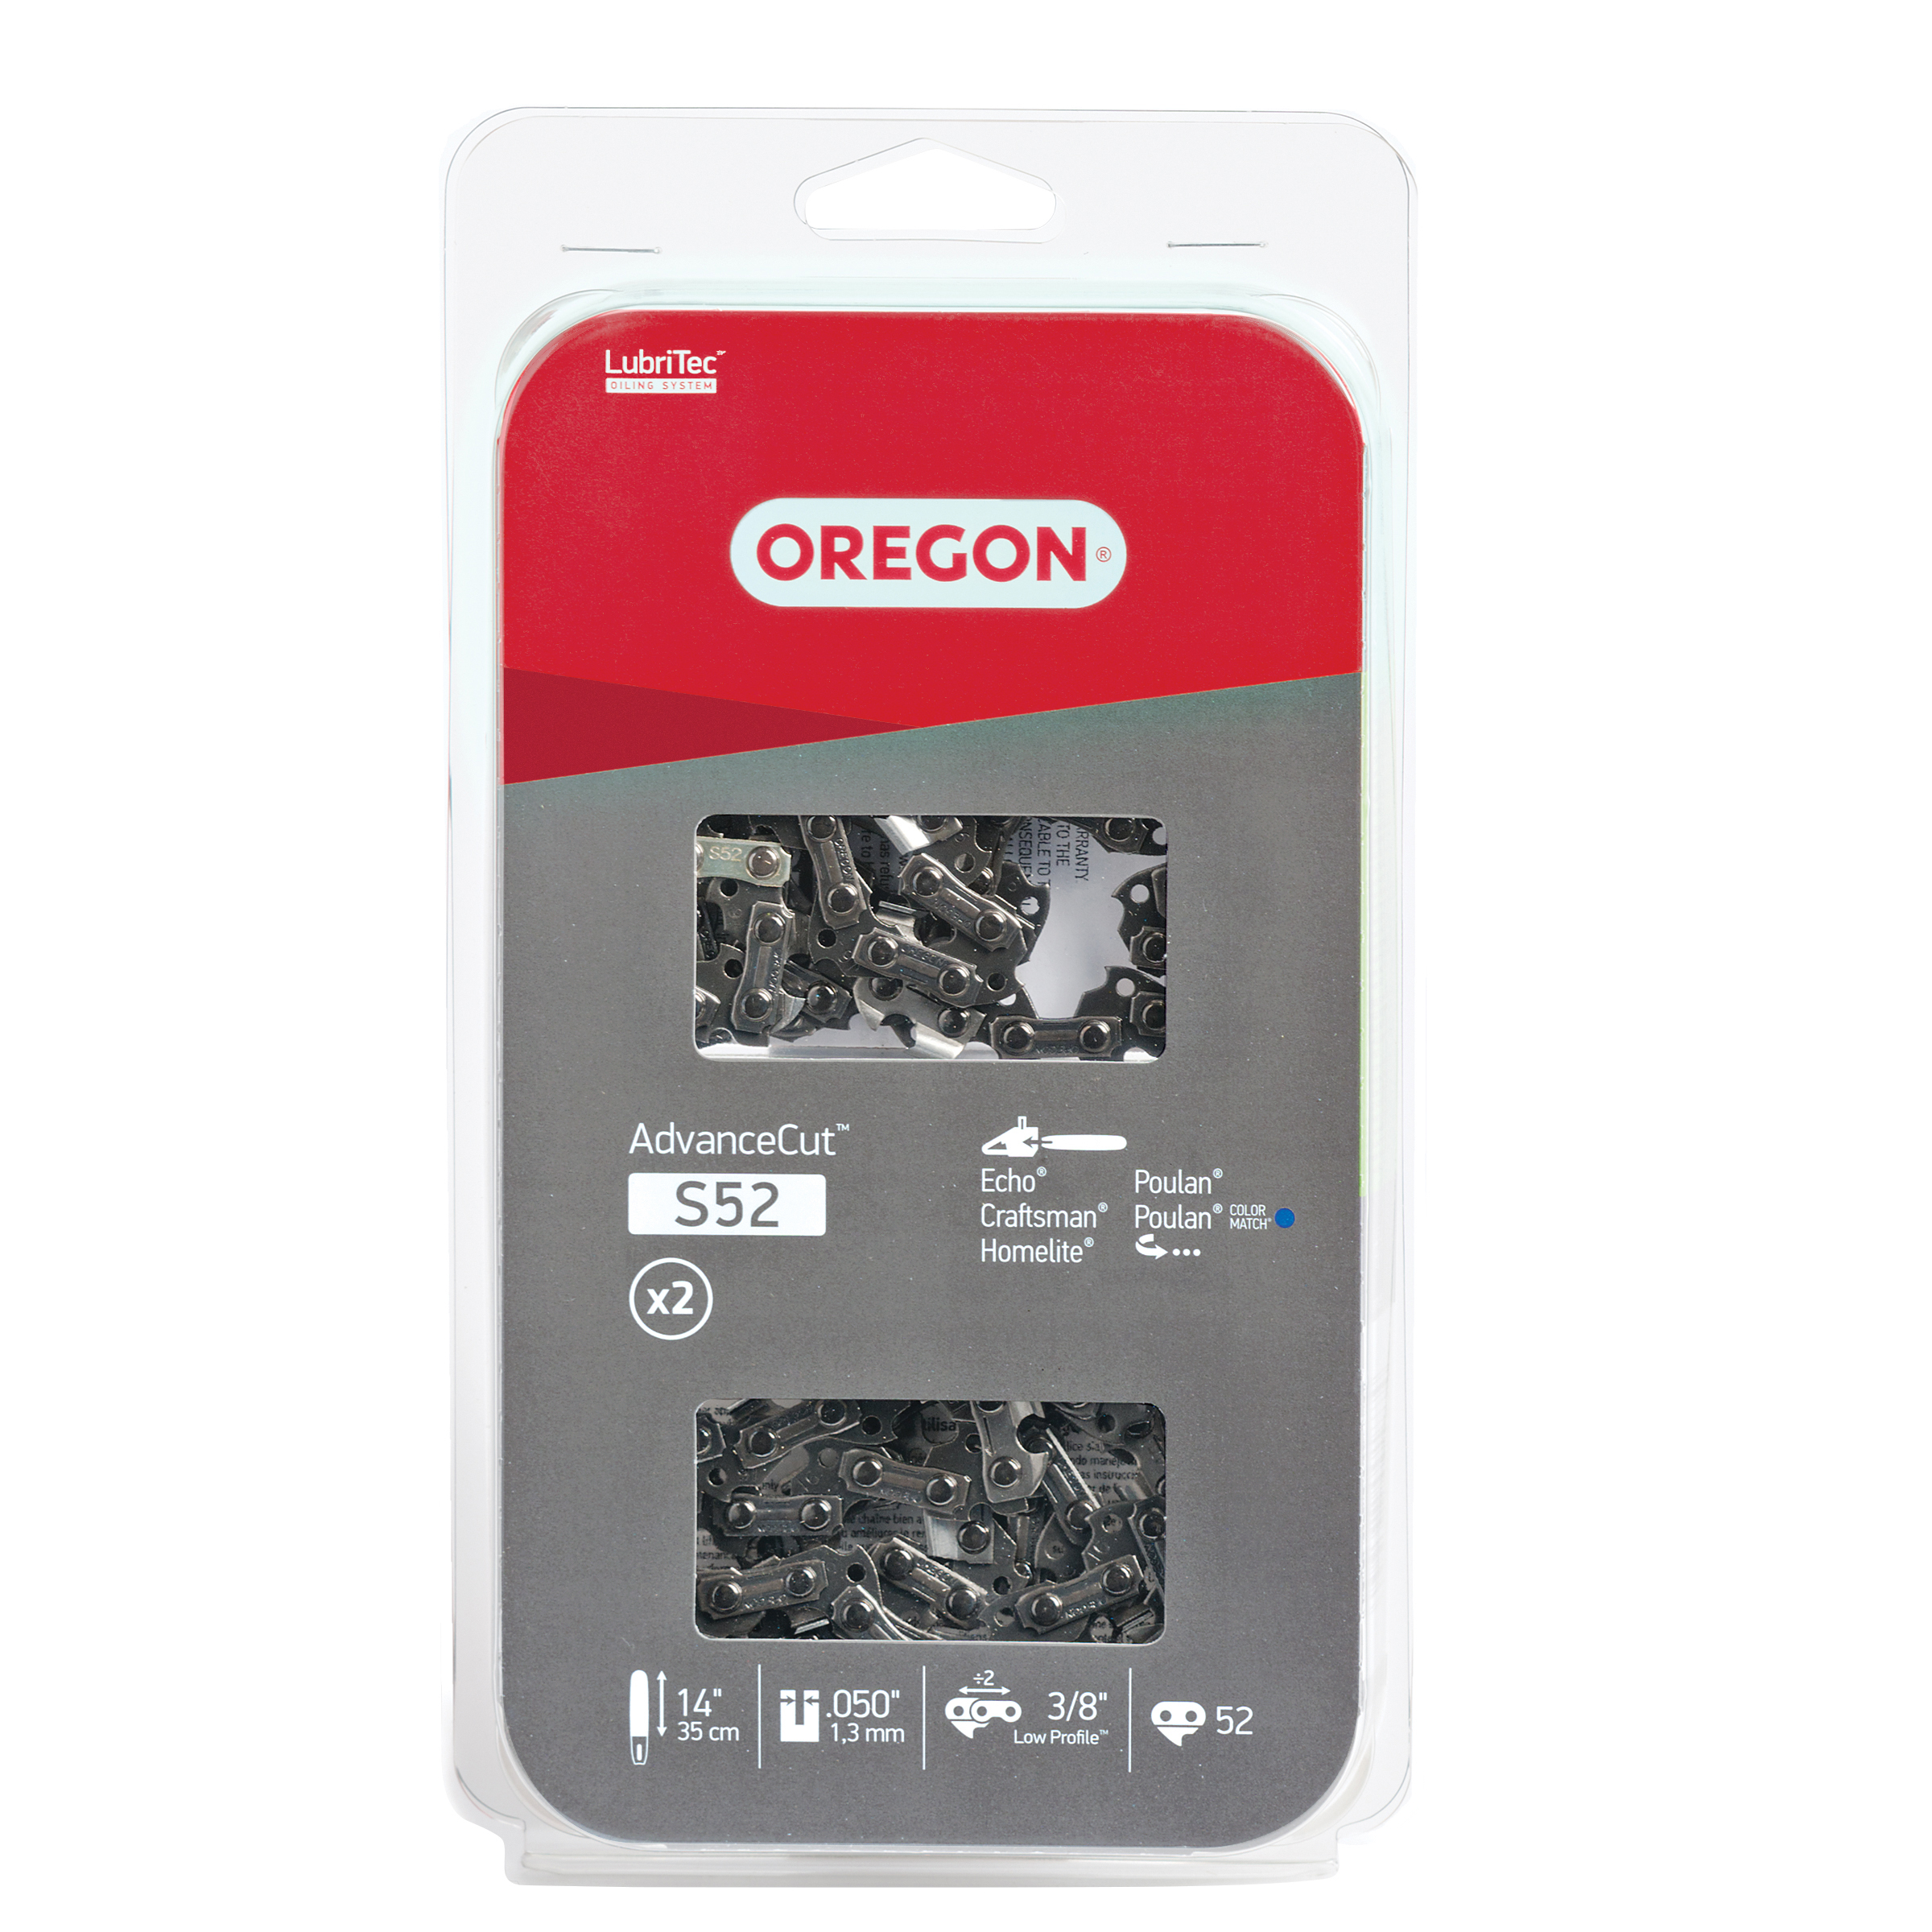 """Oregon S52T 14"""" AdvanceCut Saw Chain"""